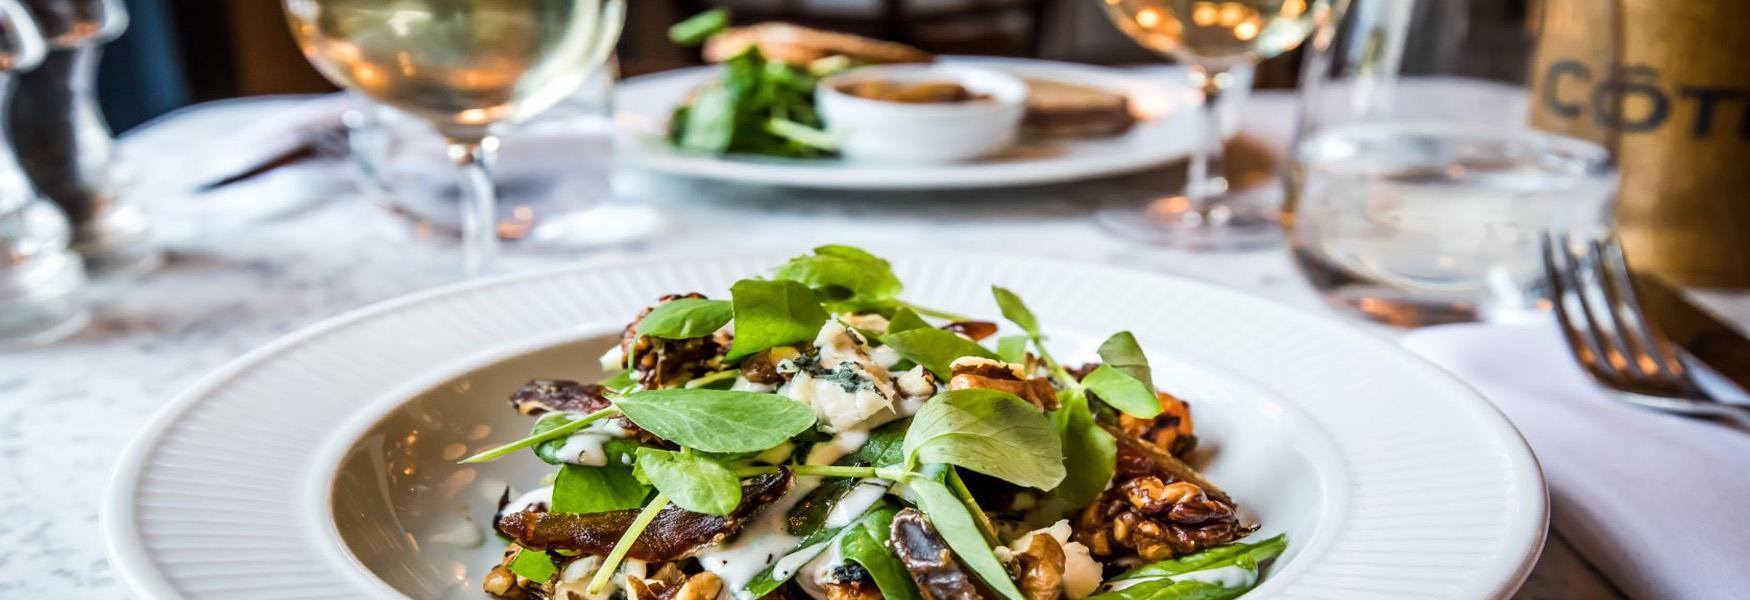 Seasonal Menus at Cote Brasserie